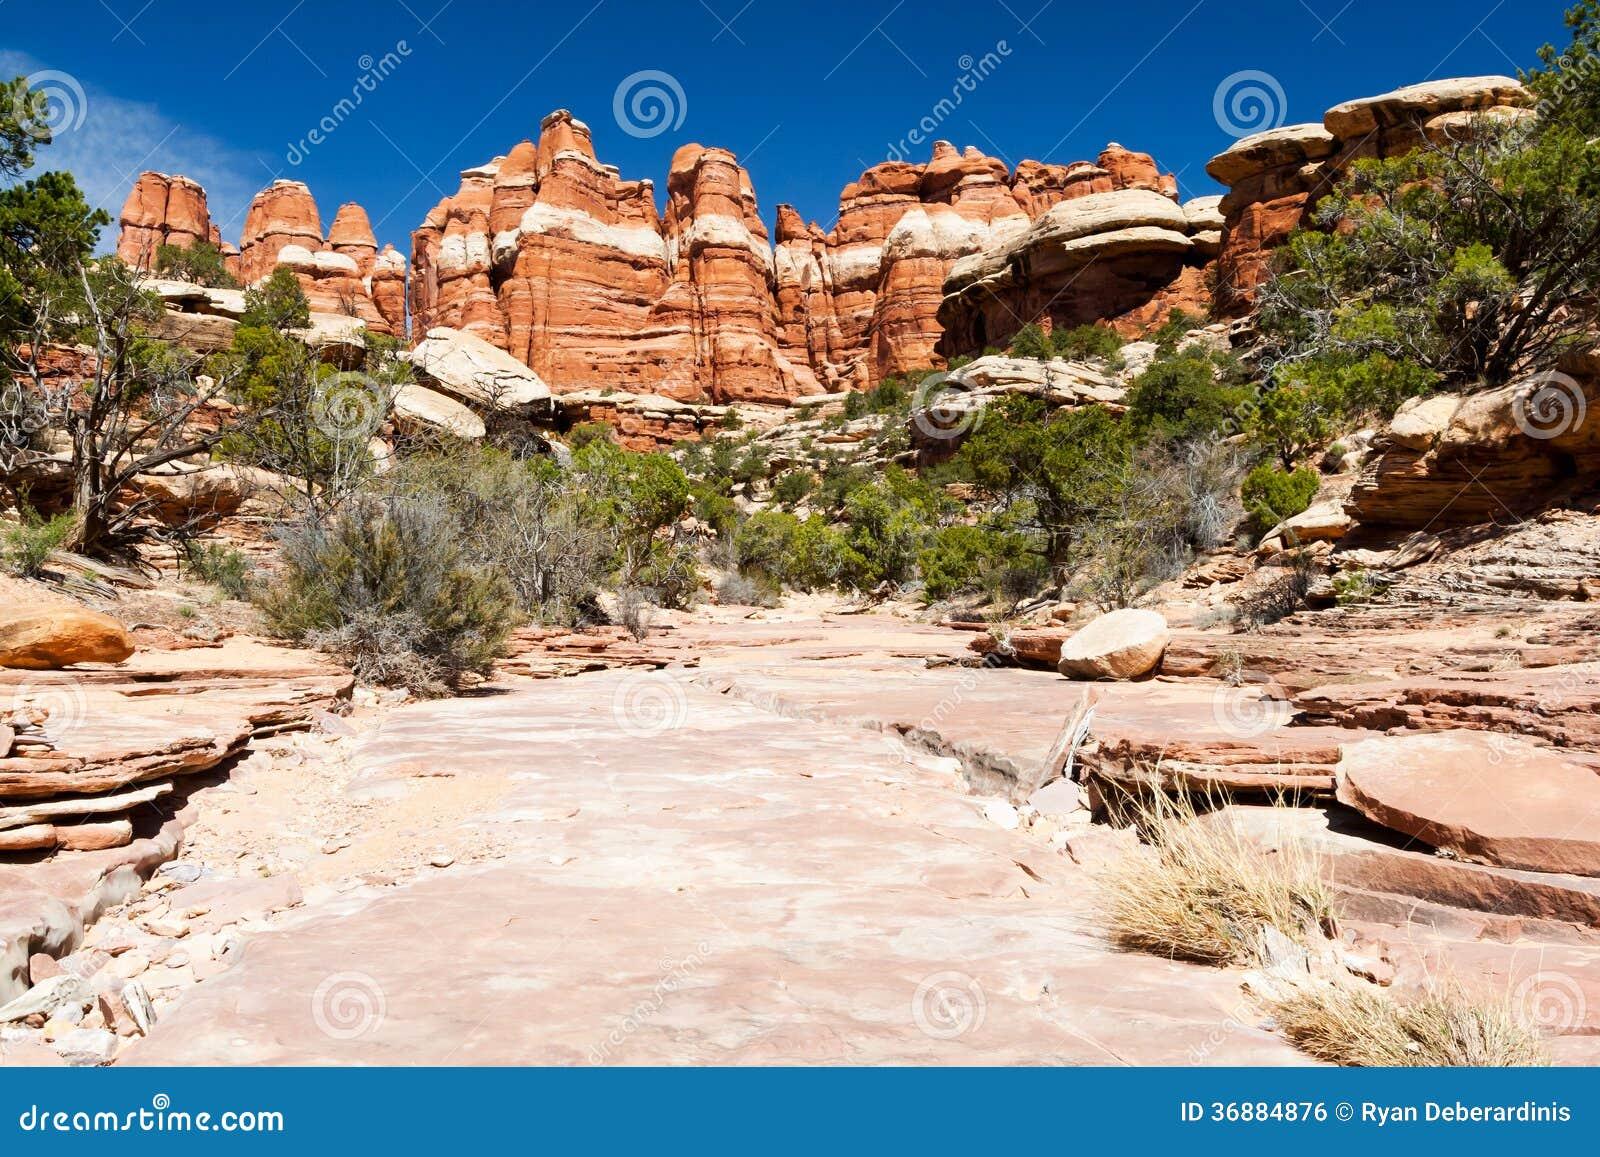 Download Paesaggio Sterile Del Deserto Nel Sud-ovest Americano Fotografia Stock - Immagine di sabbia, solo: 36884876